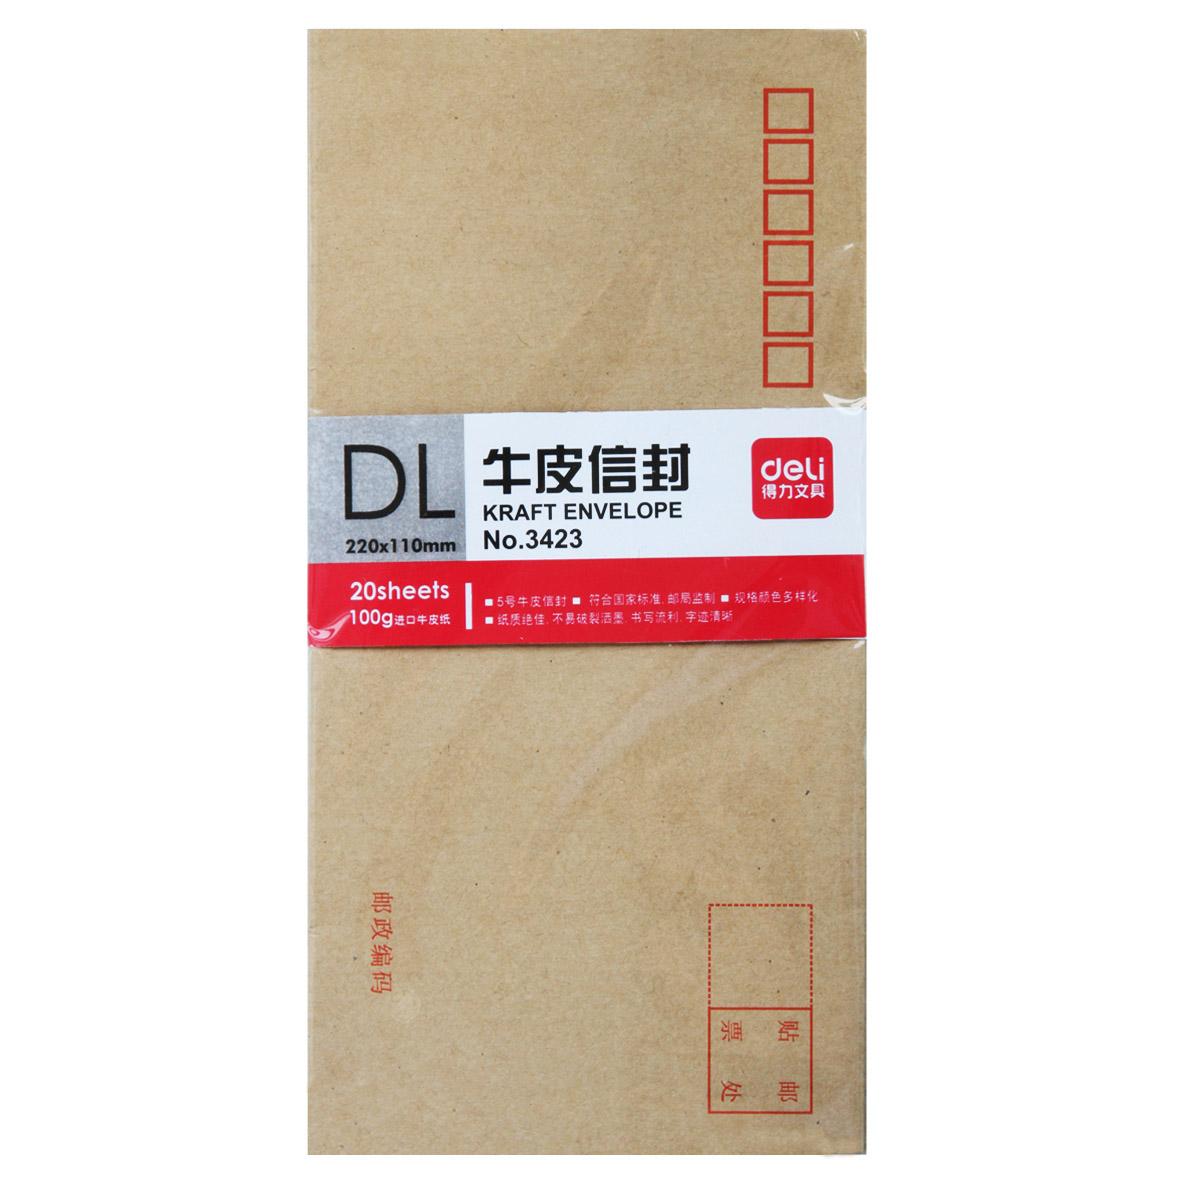 得力3423牛皮信封 国际信封 加厚型 5号信封 220*110mm 20个装